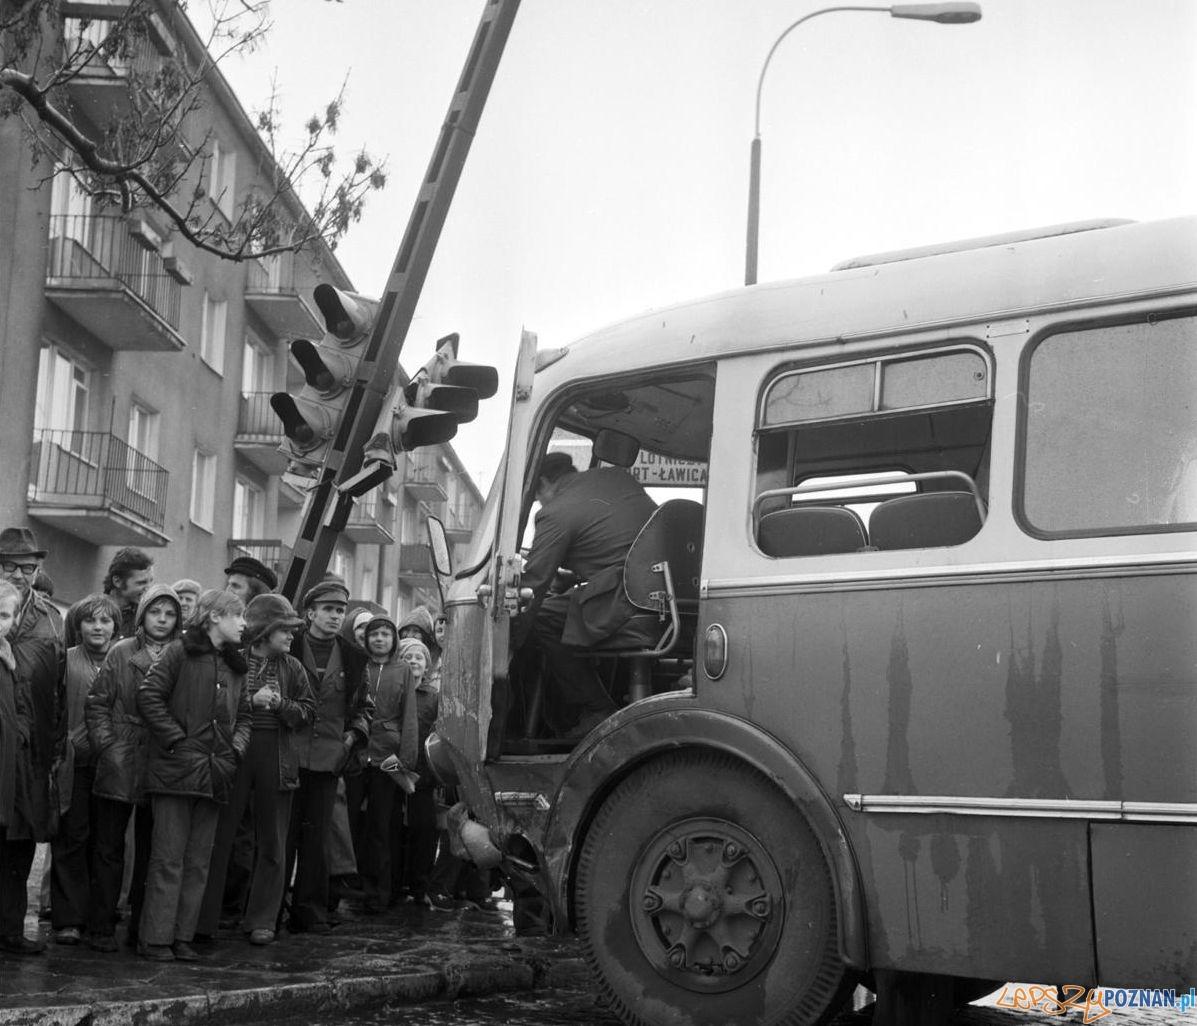 Wypadek autobusu Bukowska - Grochowska 10.04.1975 St. Wiktor Cyryl3